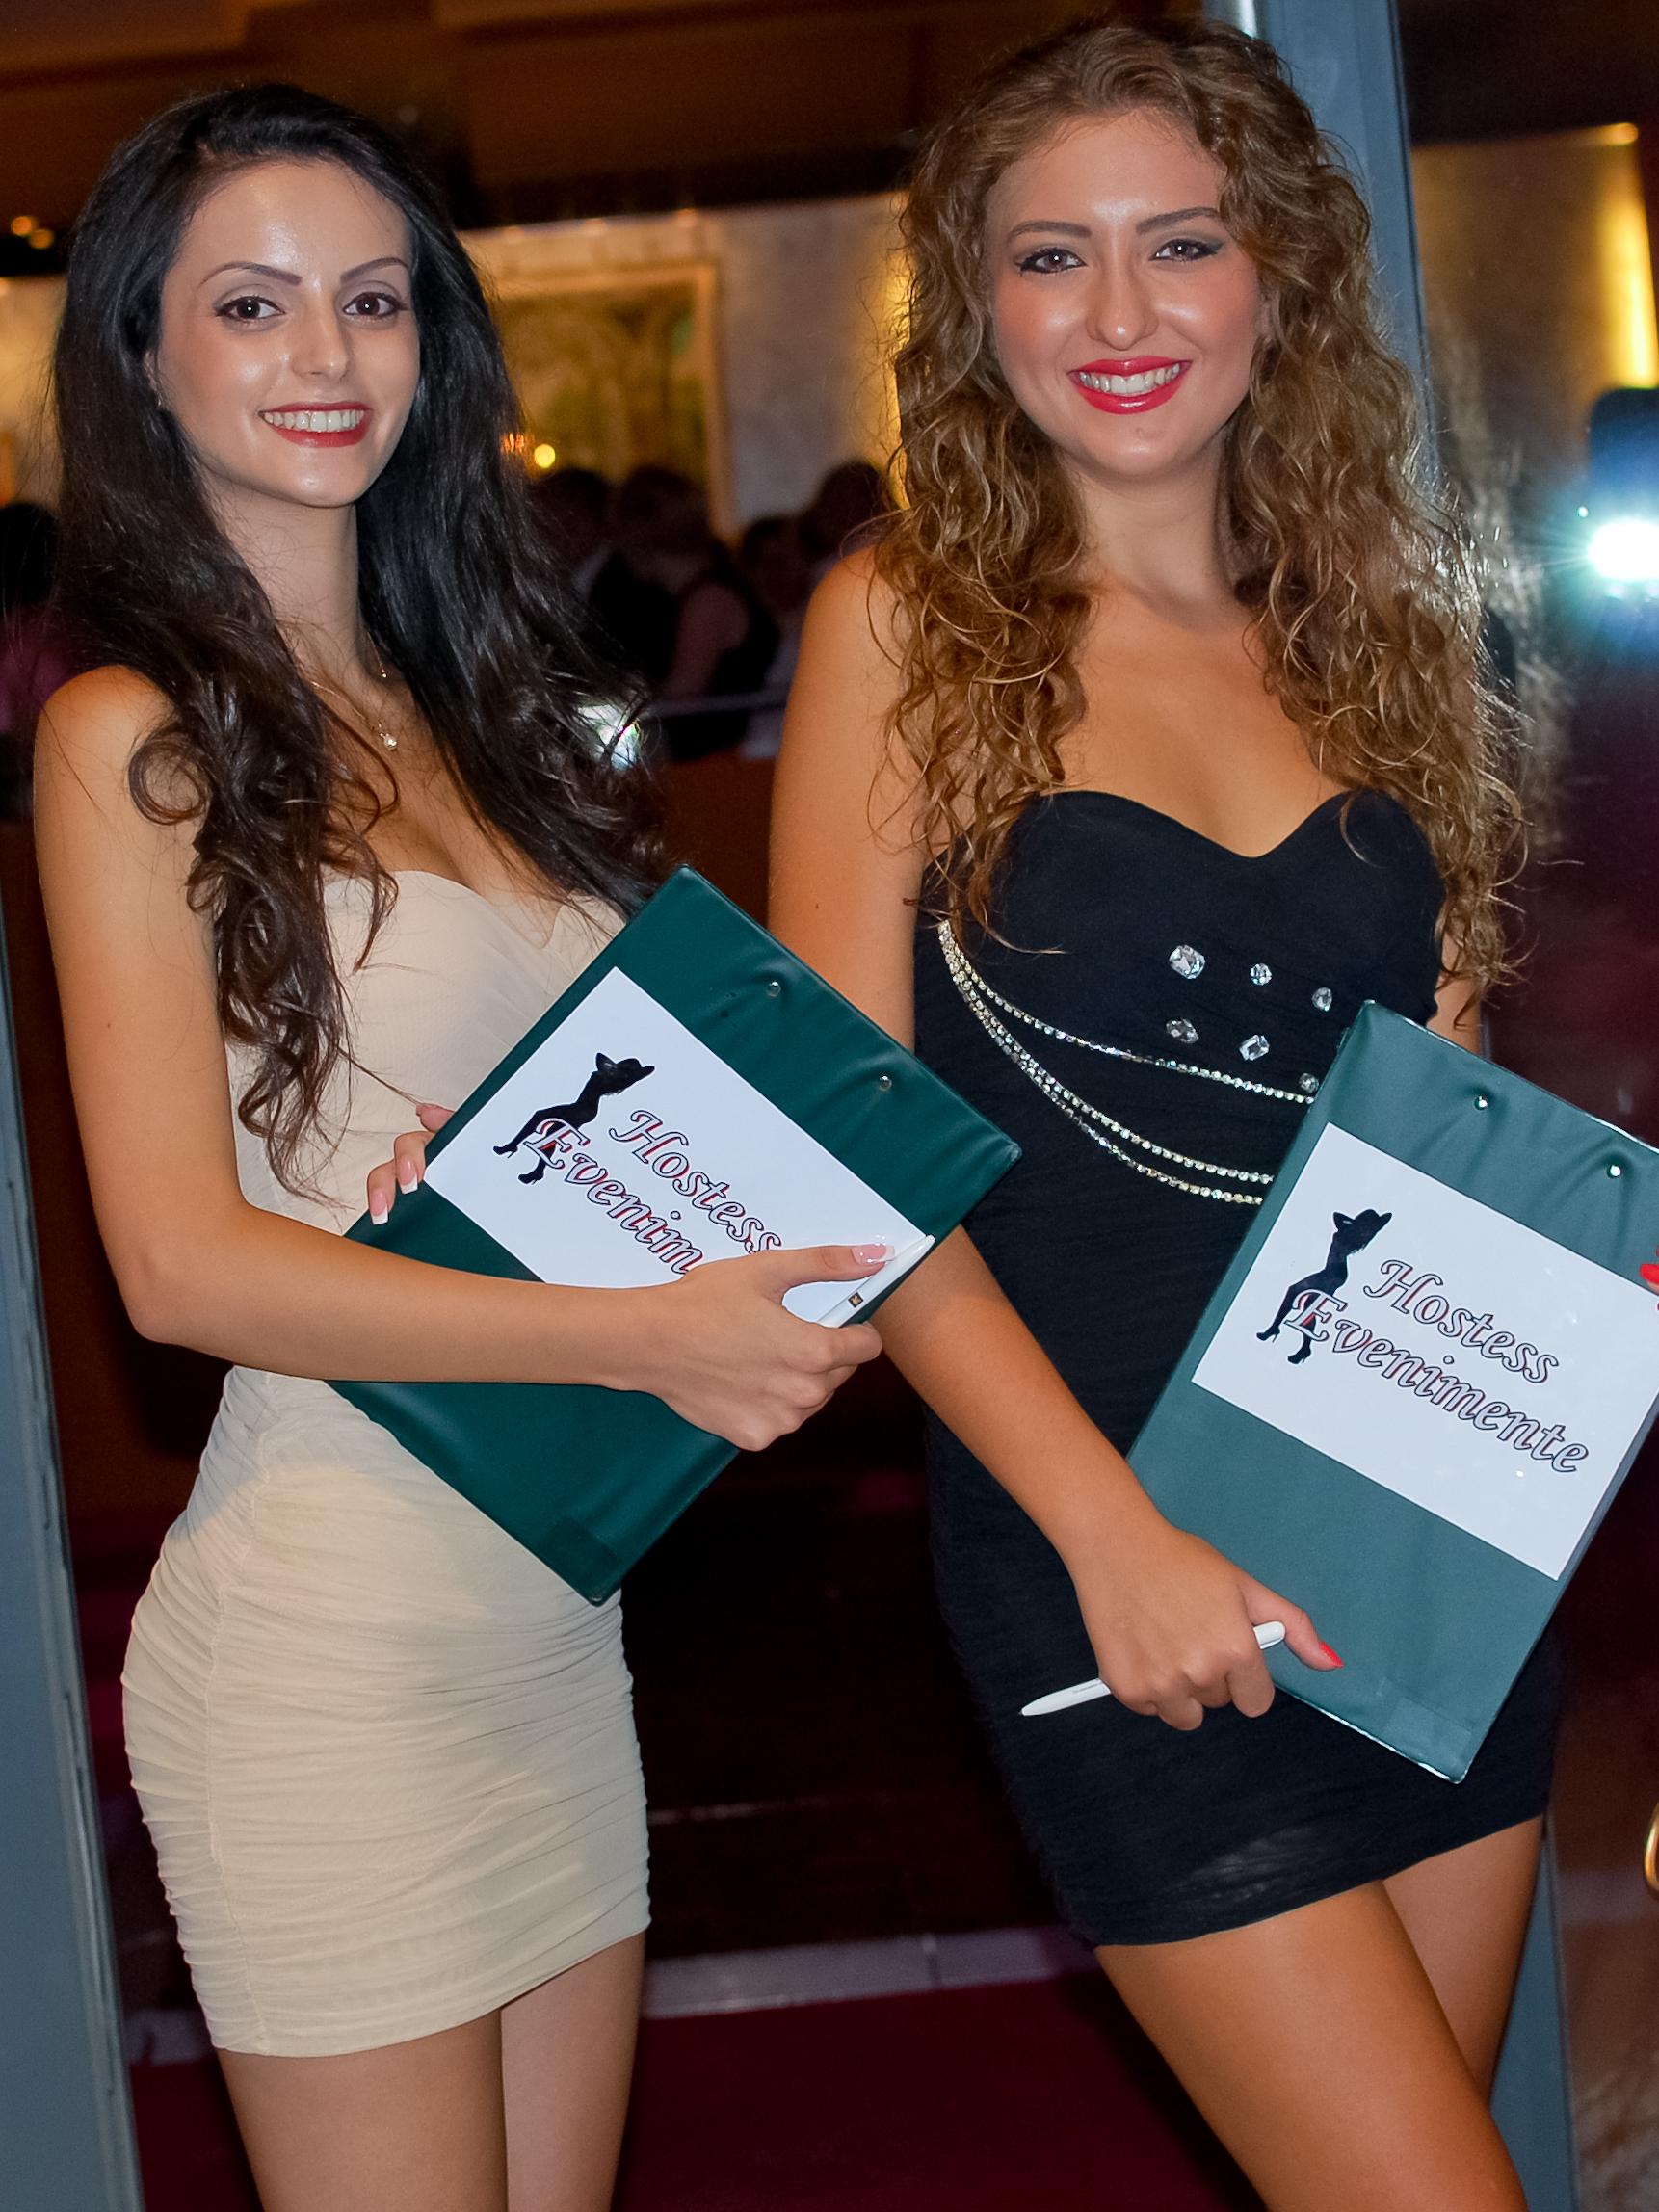 Hostess+Eforie+Nord+Hotel+Europa++(2).JPG